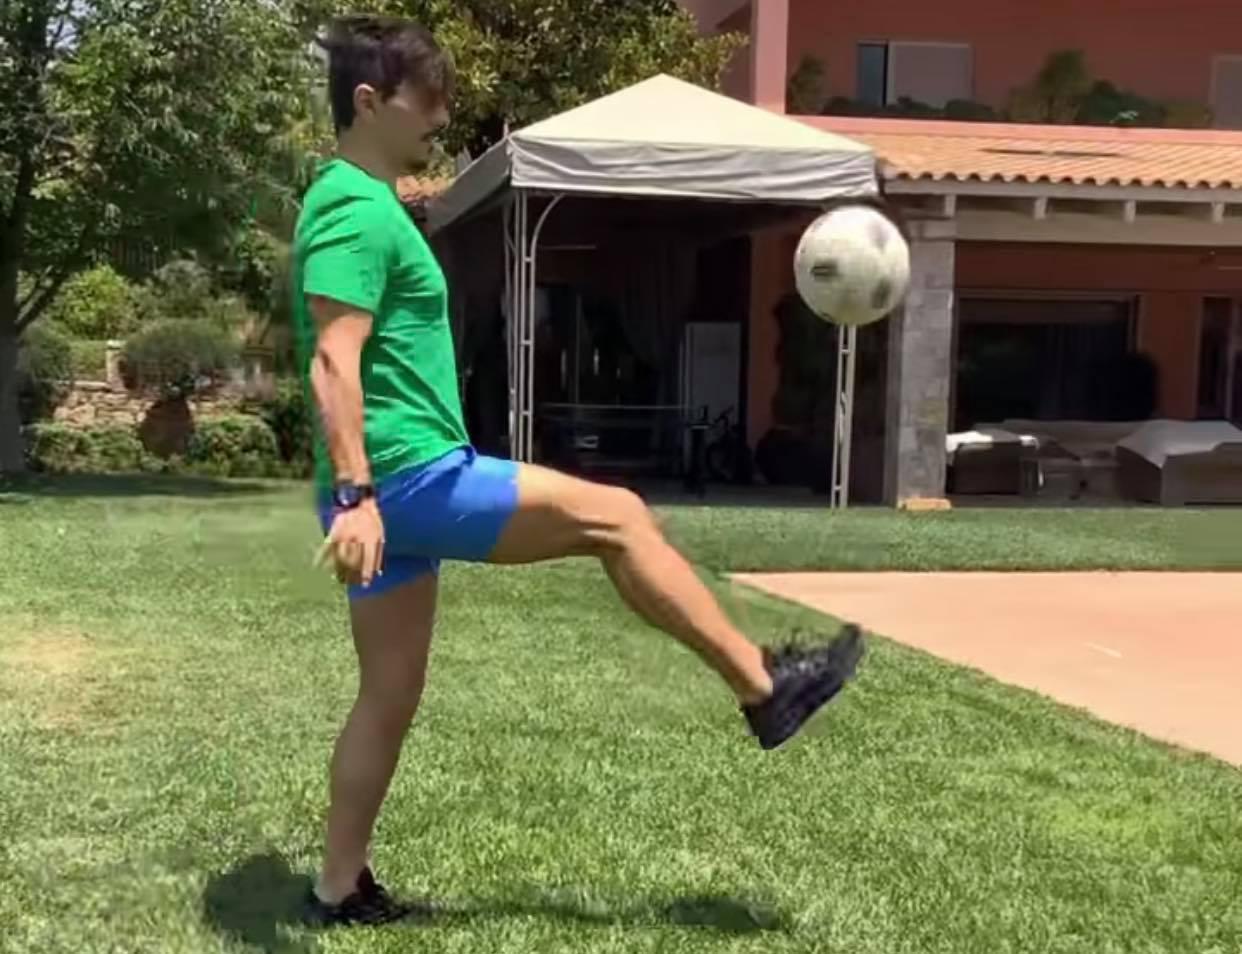 Καλύτερος και από ποδοσφαιριστή στα γκελάκια ο Γιαννακόπουλος (pics)